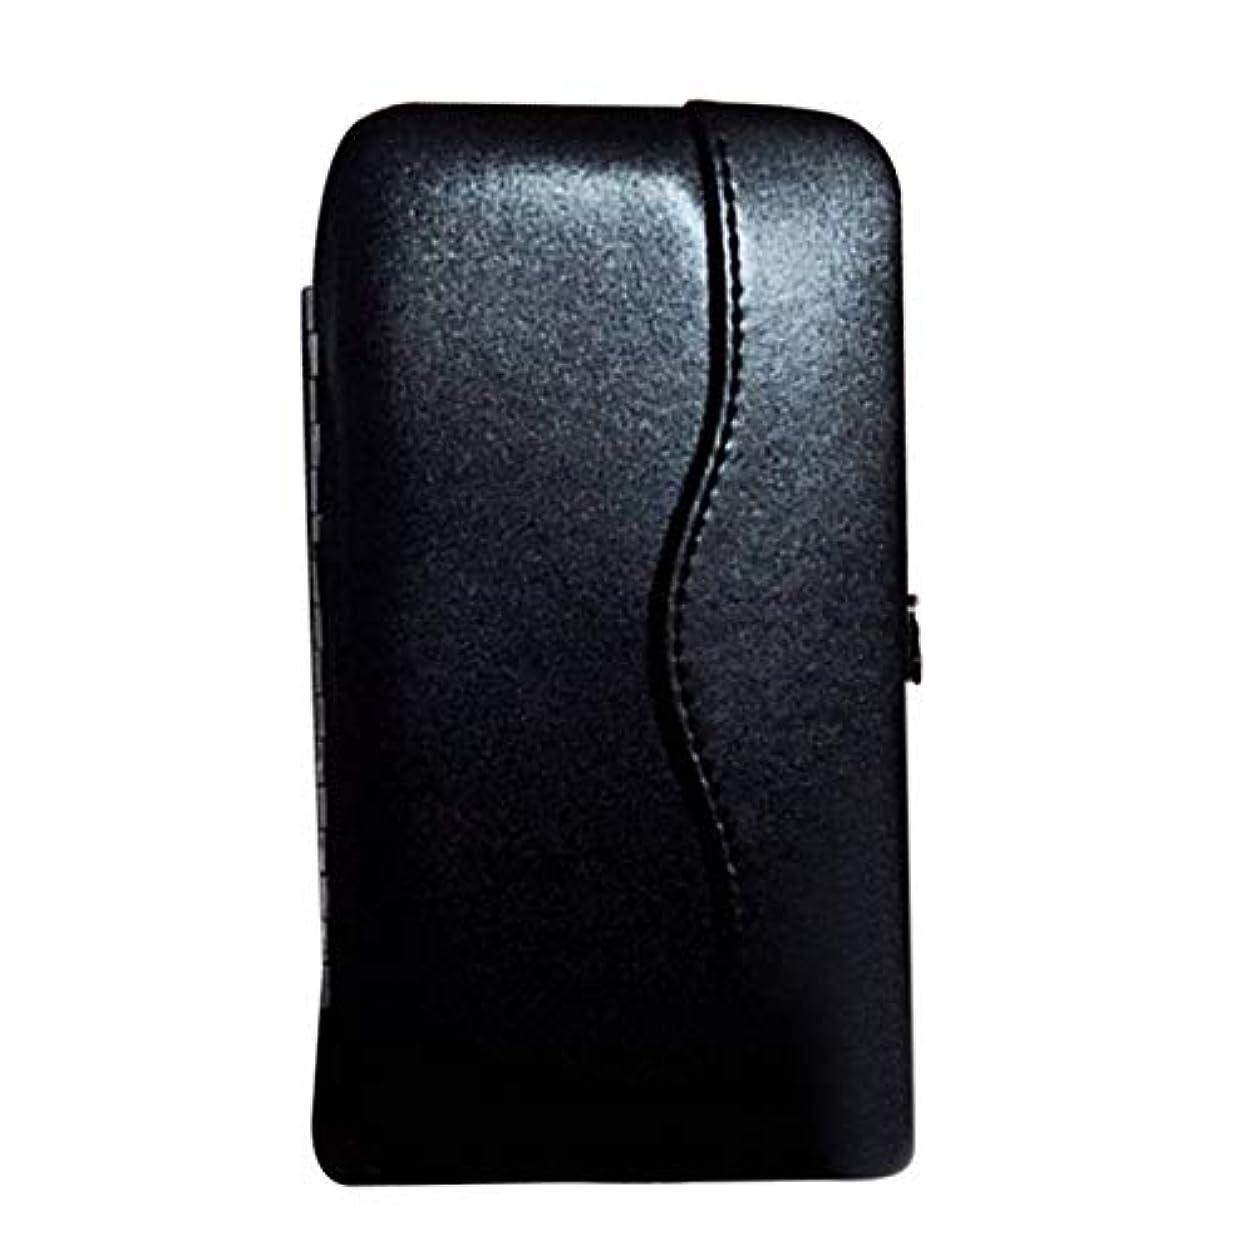 人物精神重々しいwijaso まつげエクステンションピンセットポータブルツールバッグ用の信頼性の高い美しい新プロメークアップツールストレージボックス(None BK)